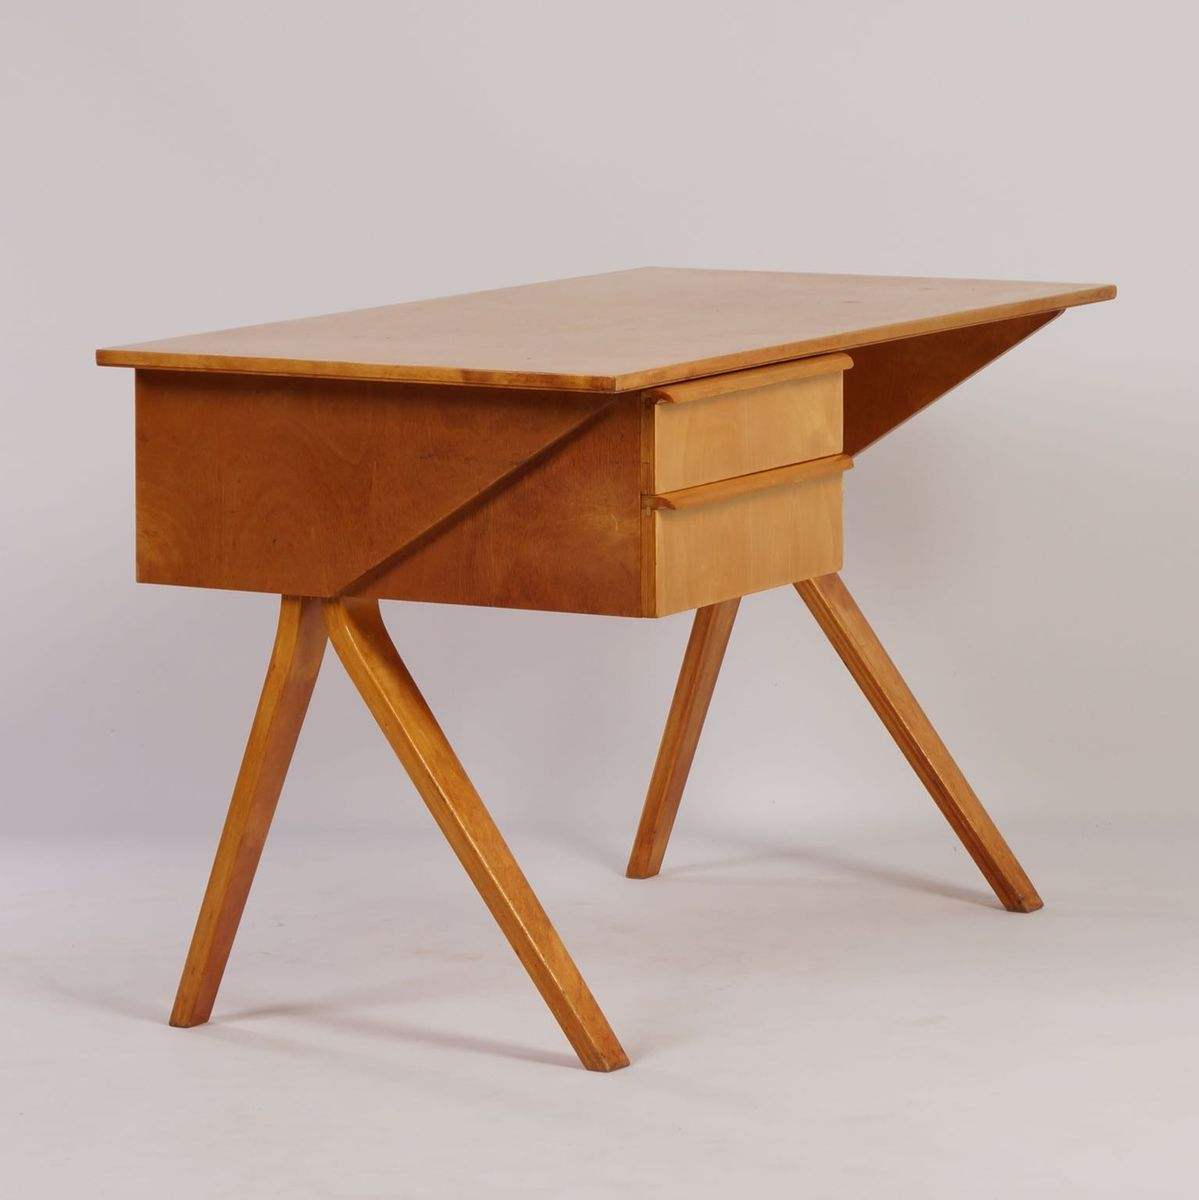 niederl ndischer eb02 birkenholz schreibtisch mit stuhl. Black Bedroom Furniture Sets. Home Design Ideas